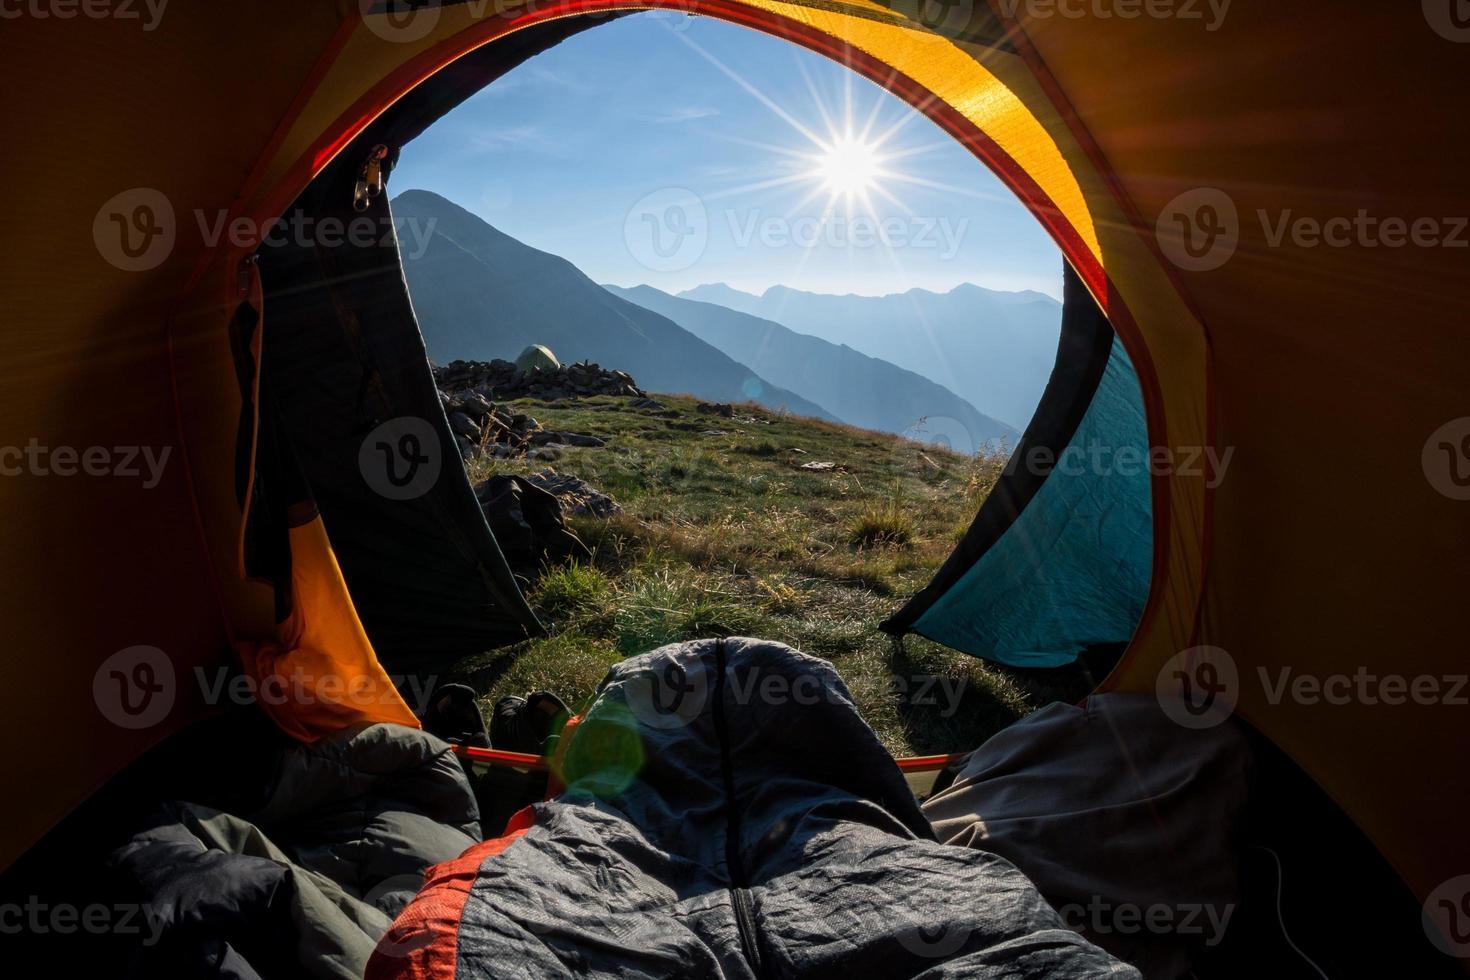 svegliarsi nella tenda foto